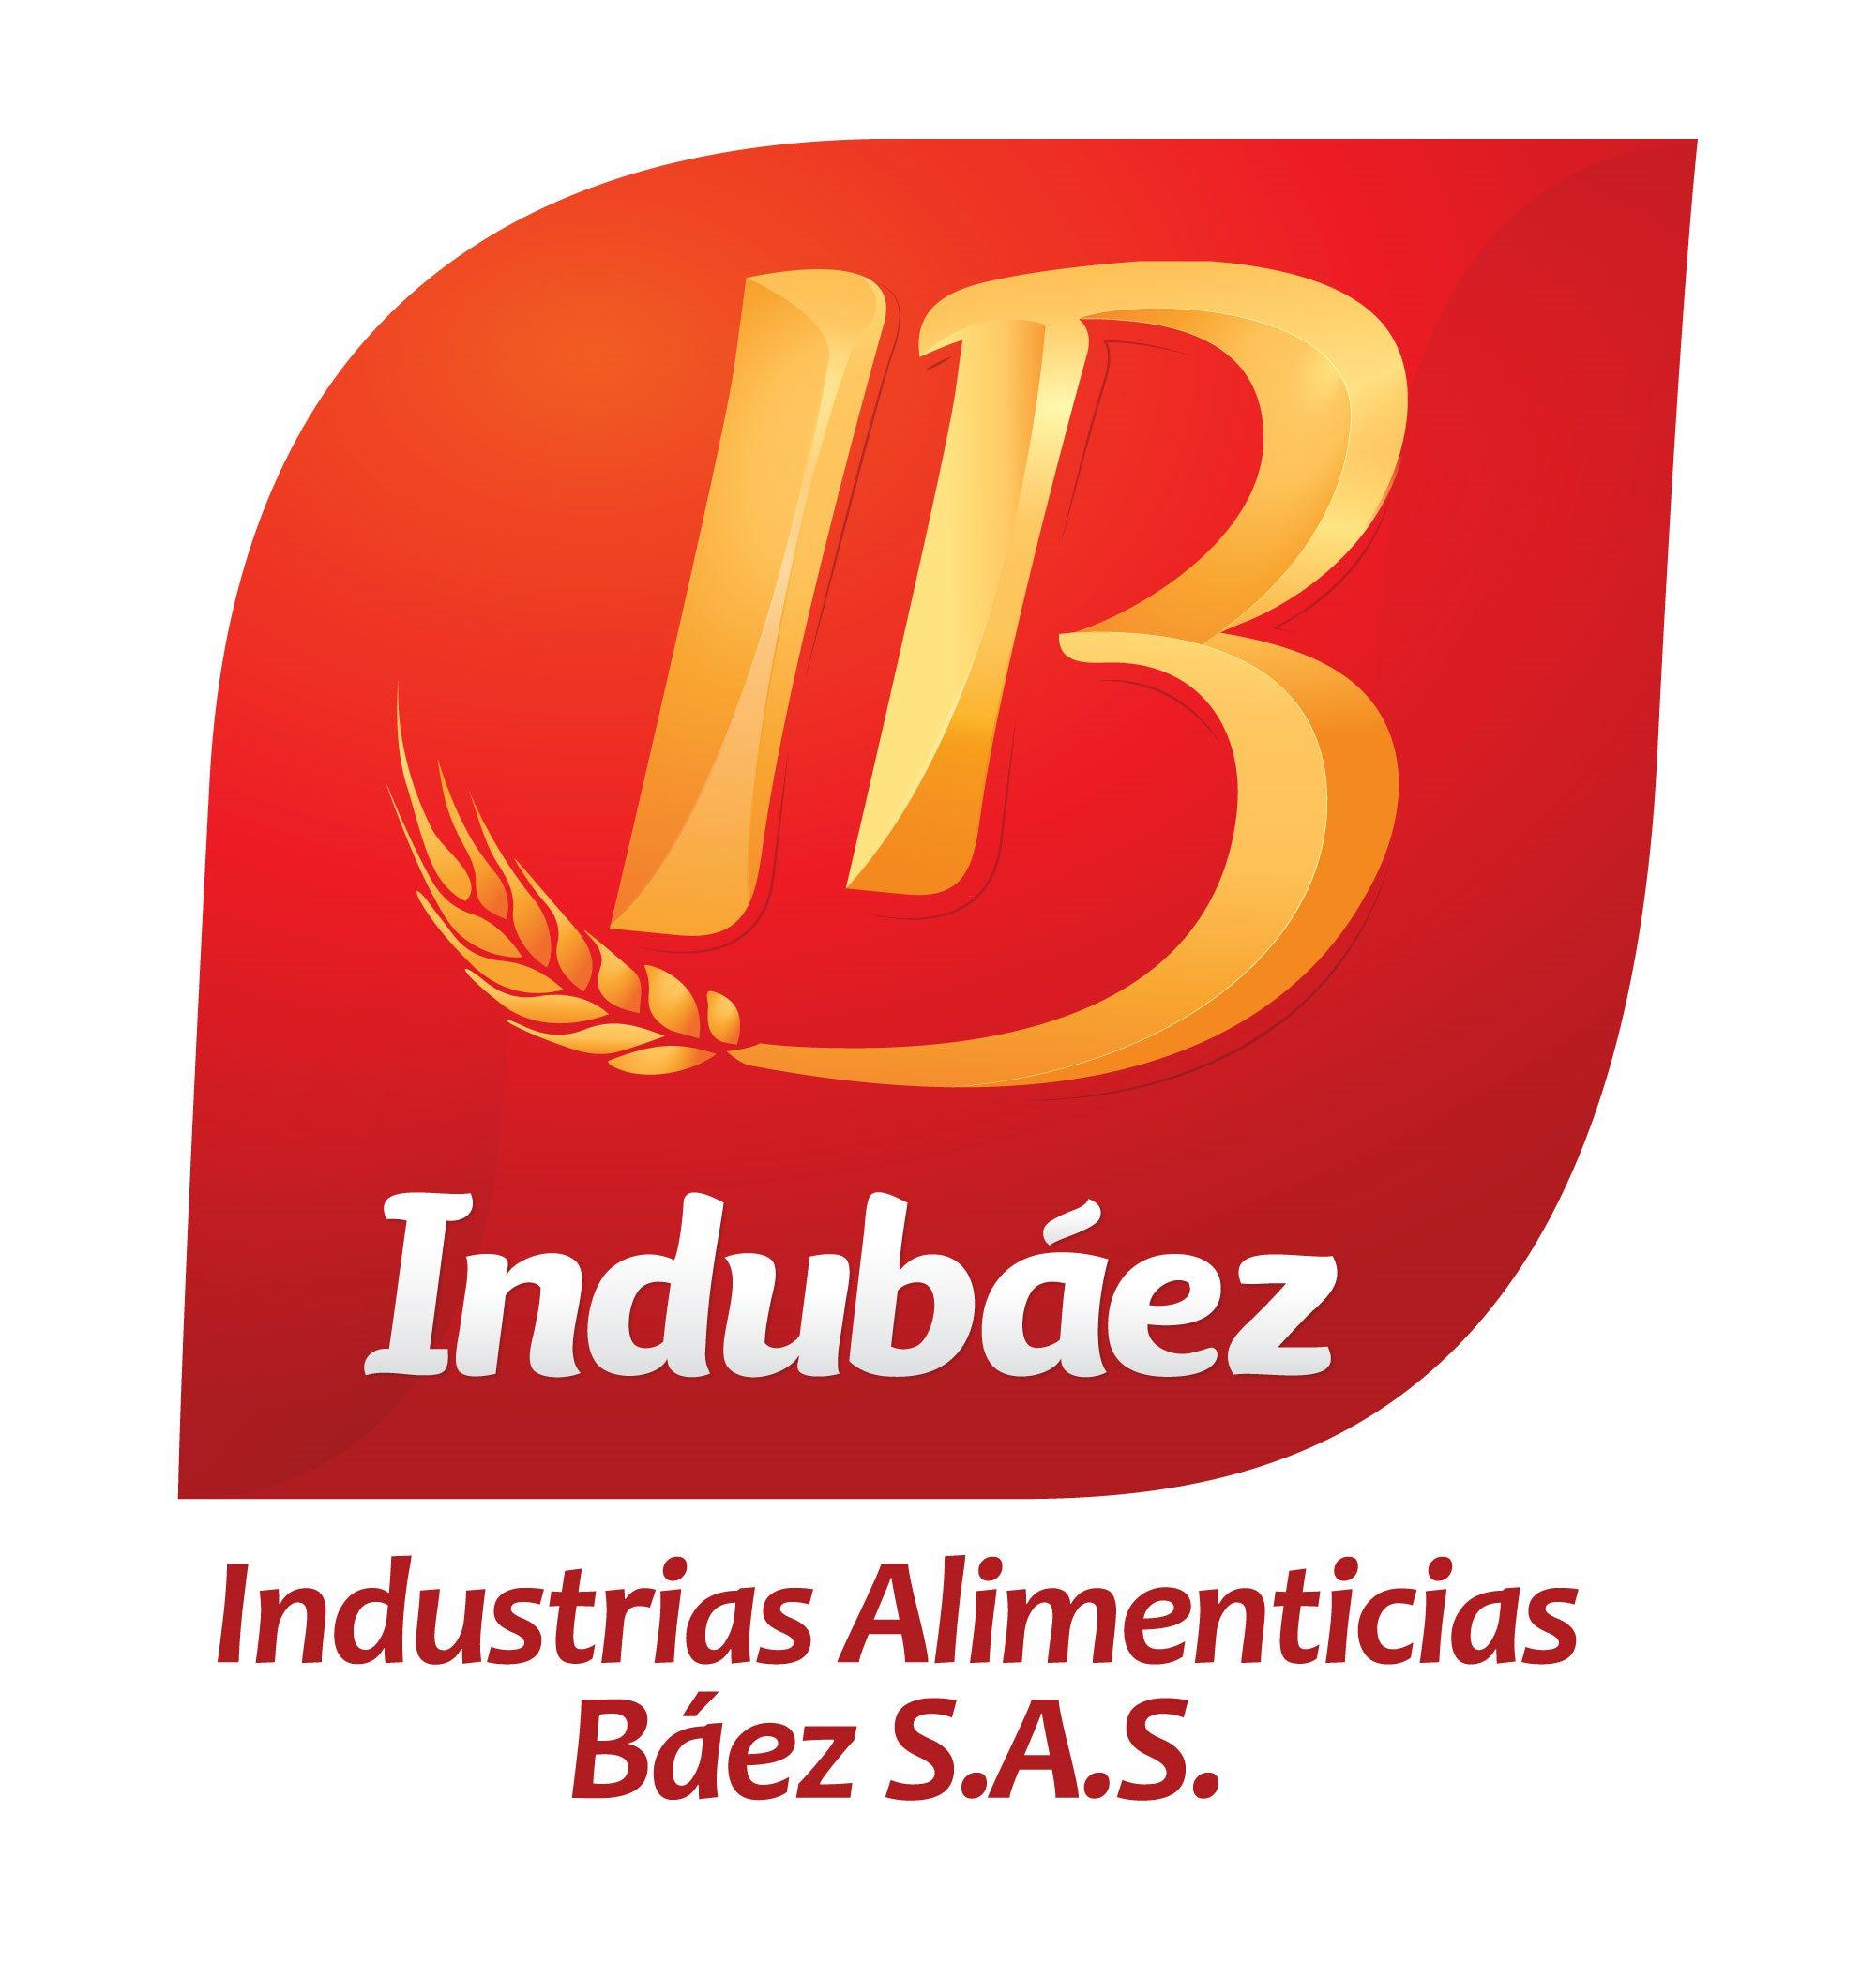 Industrias Alimenticias Baez